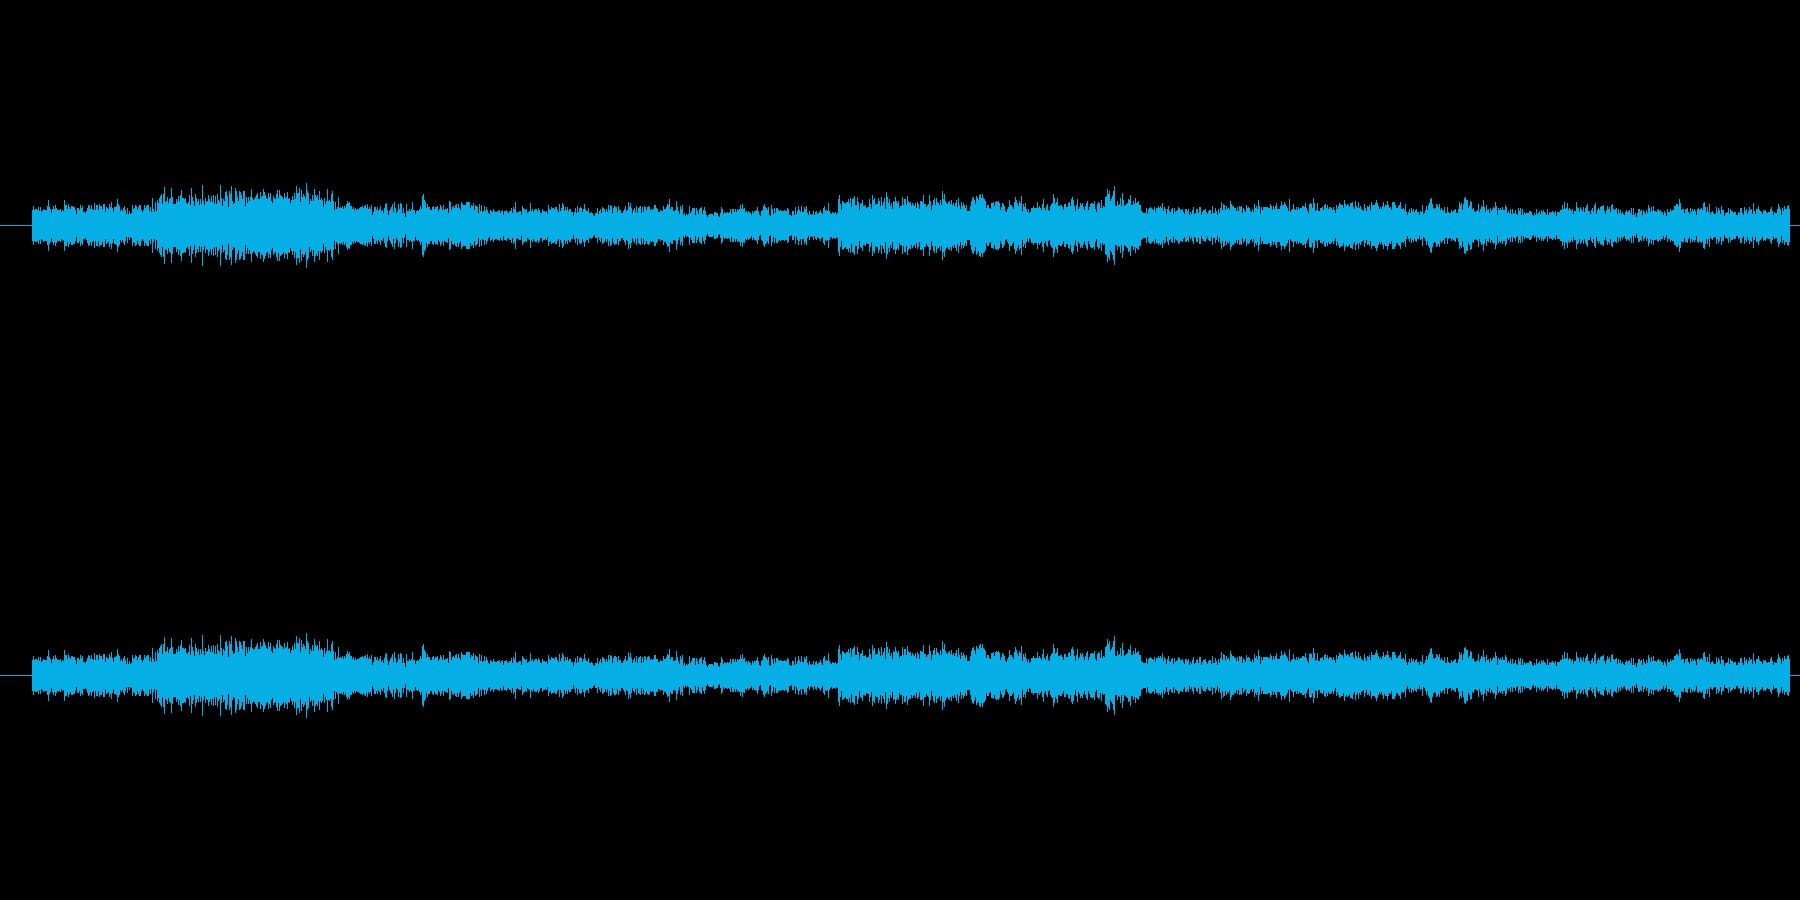 人の比較的少ない地下鉄の駅ホームの音の再生済みの波形